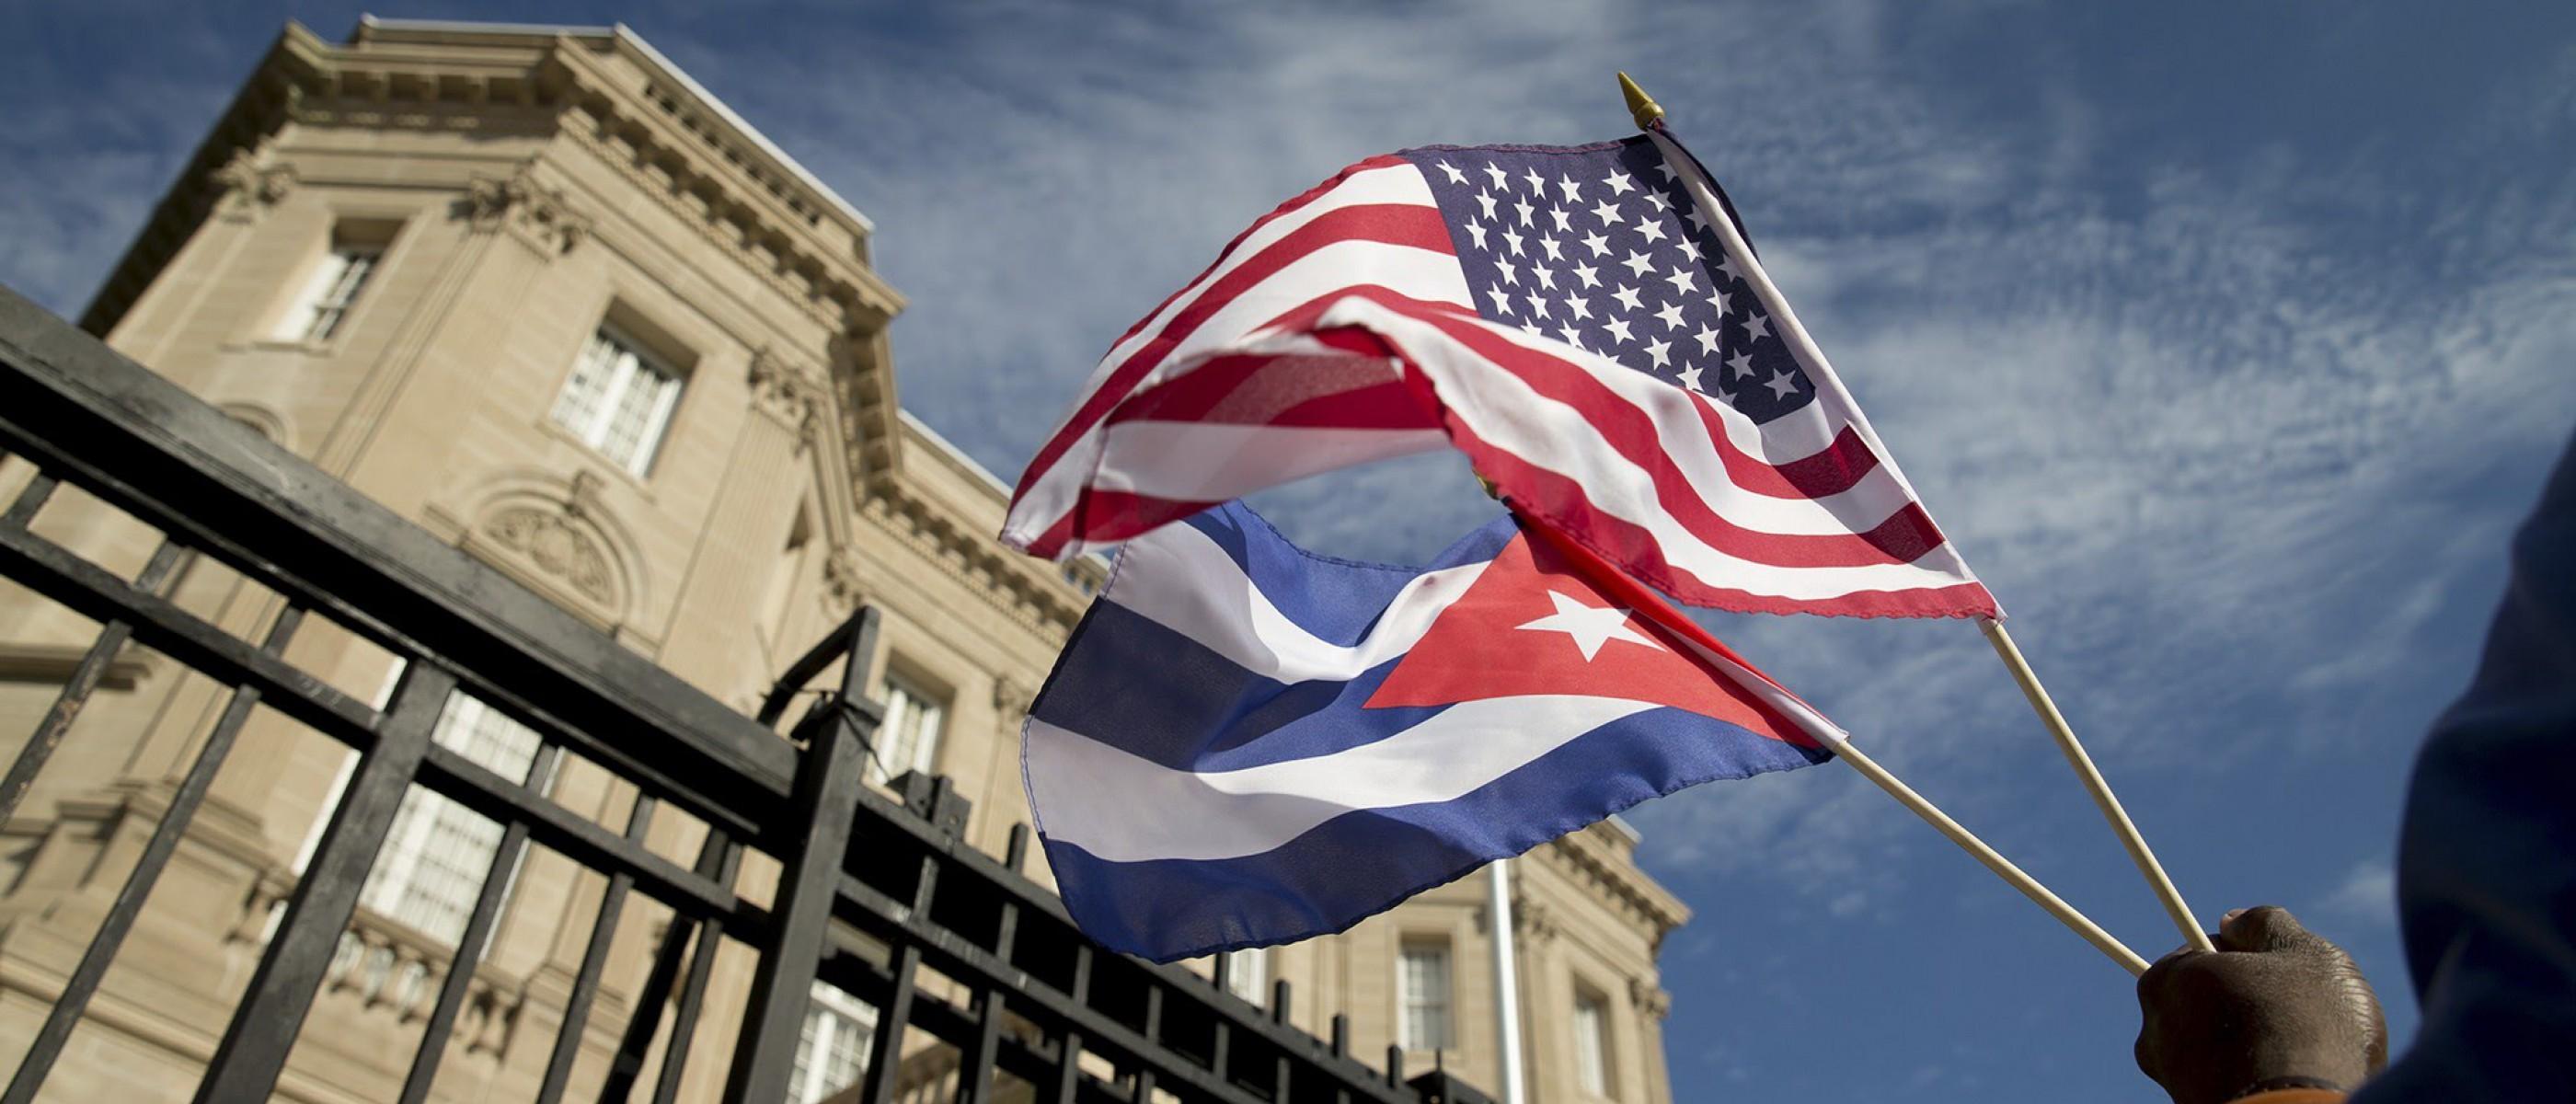 Incontri con esperti del sistema costituzionale USA e membri del Congresso.